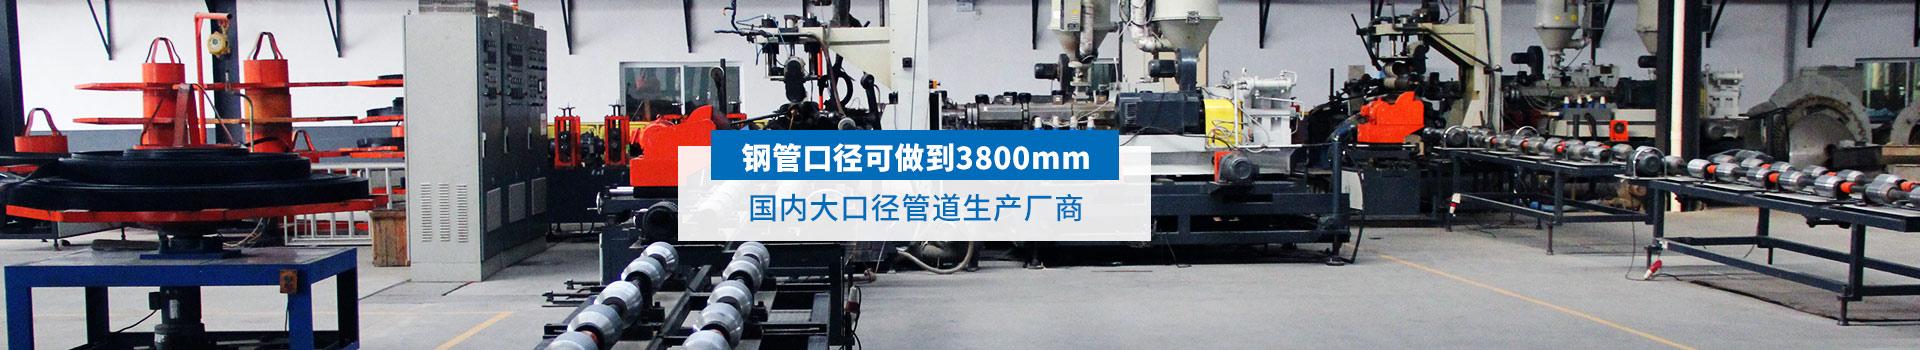 钢管口径可做到3800mm